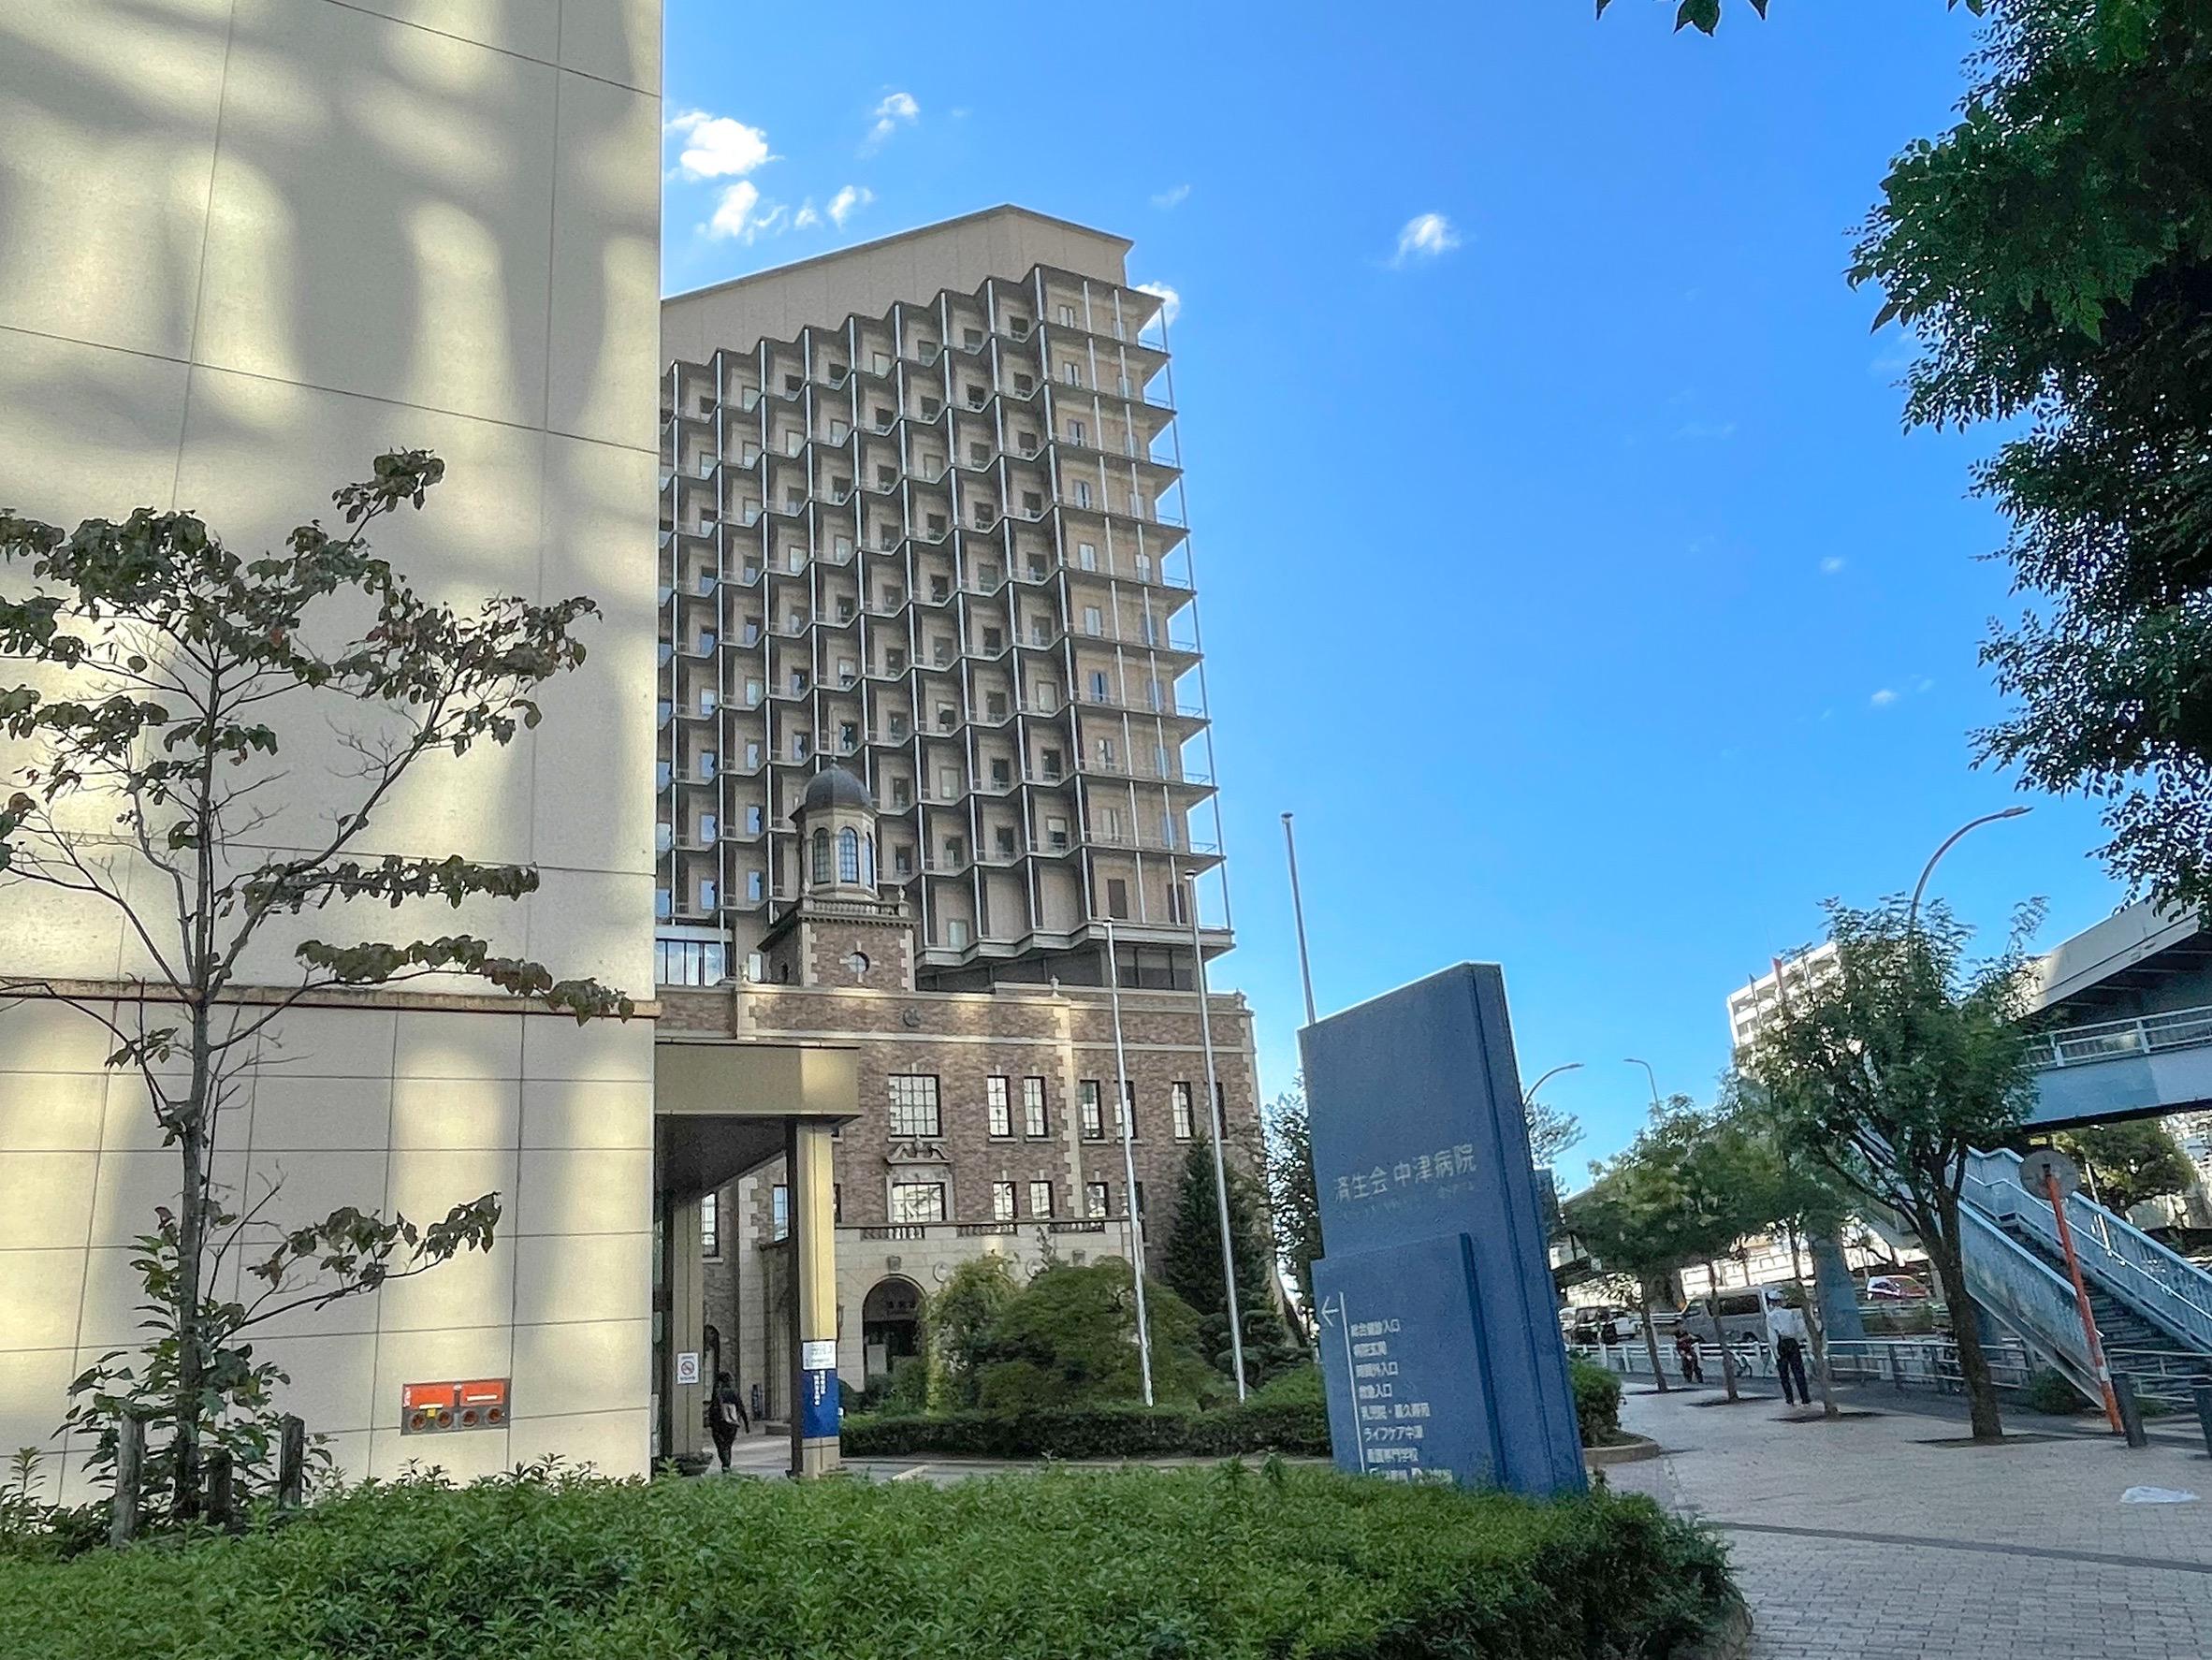 中津済生会病院 徒歩11分 宅都プロパティ大阪学生向けマンション総合サイト studentroom